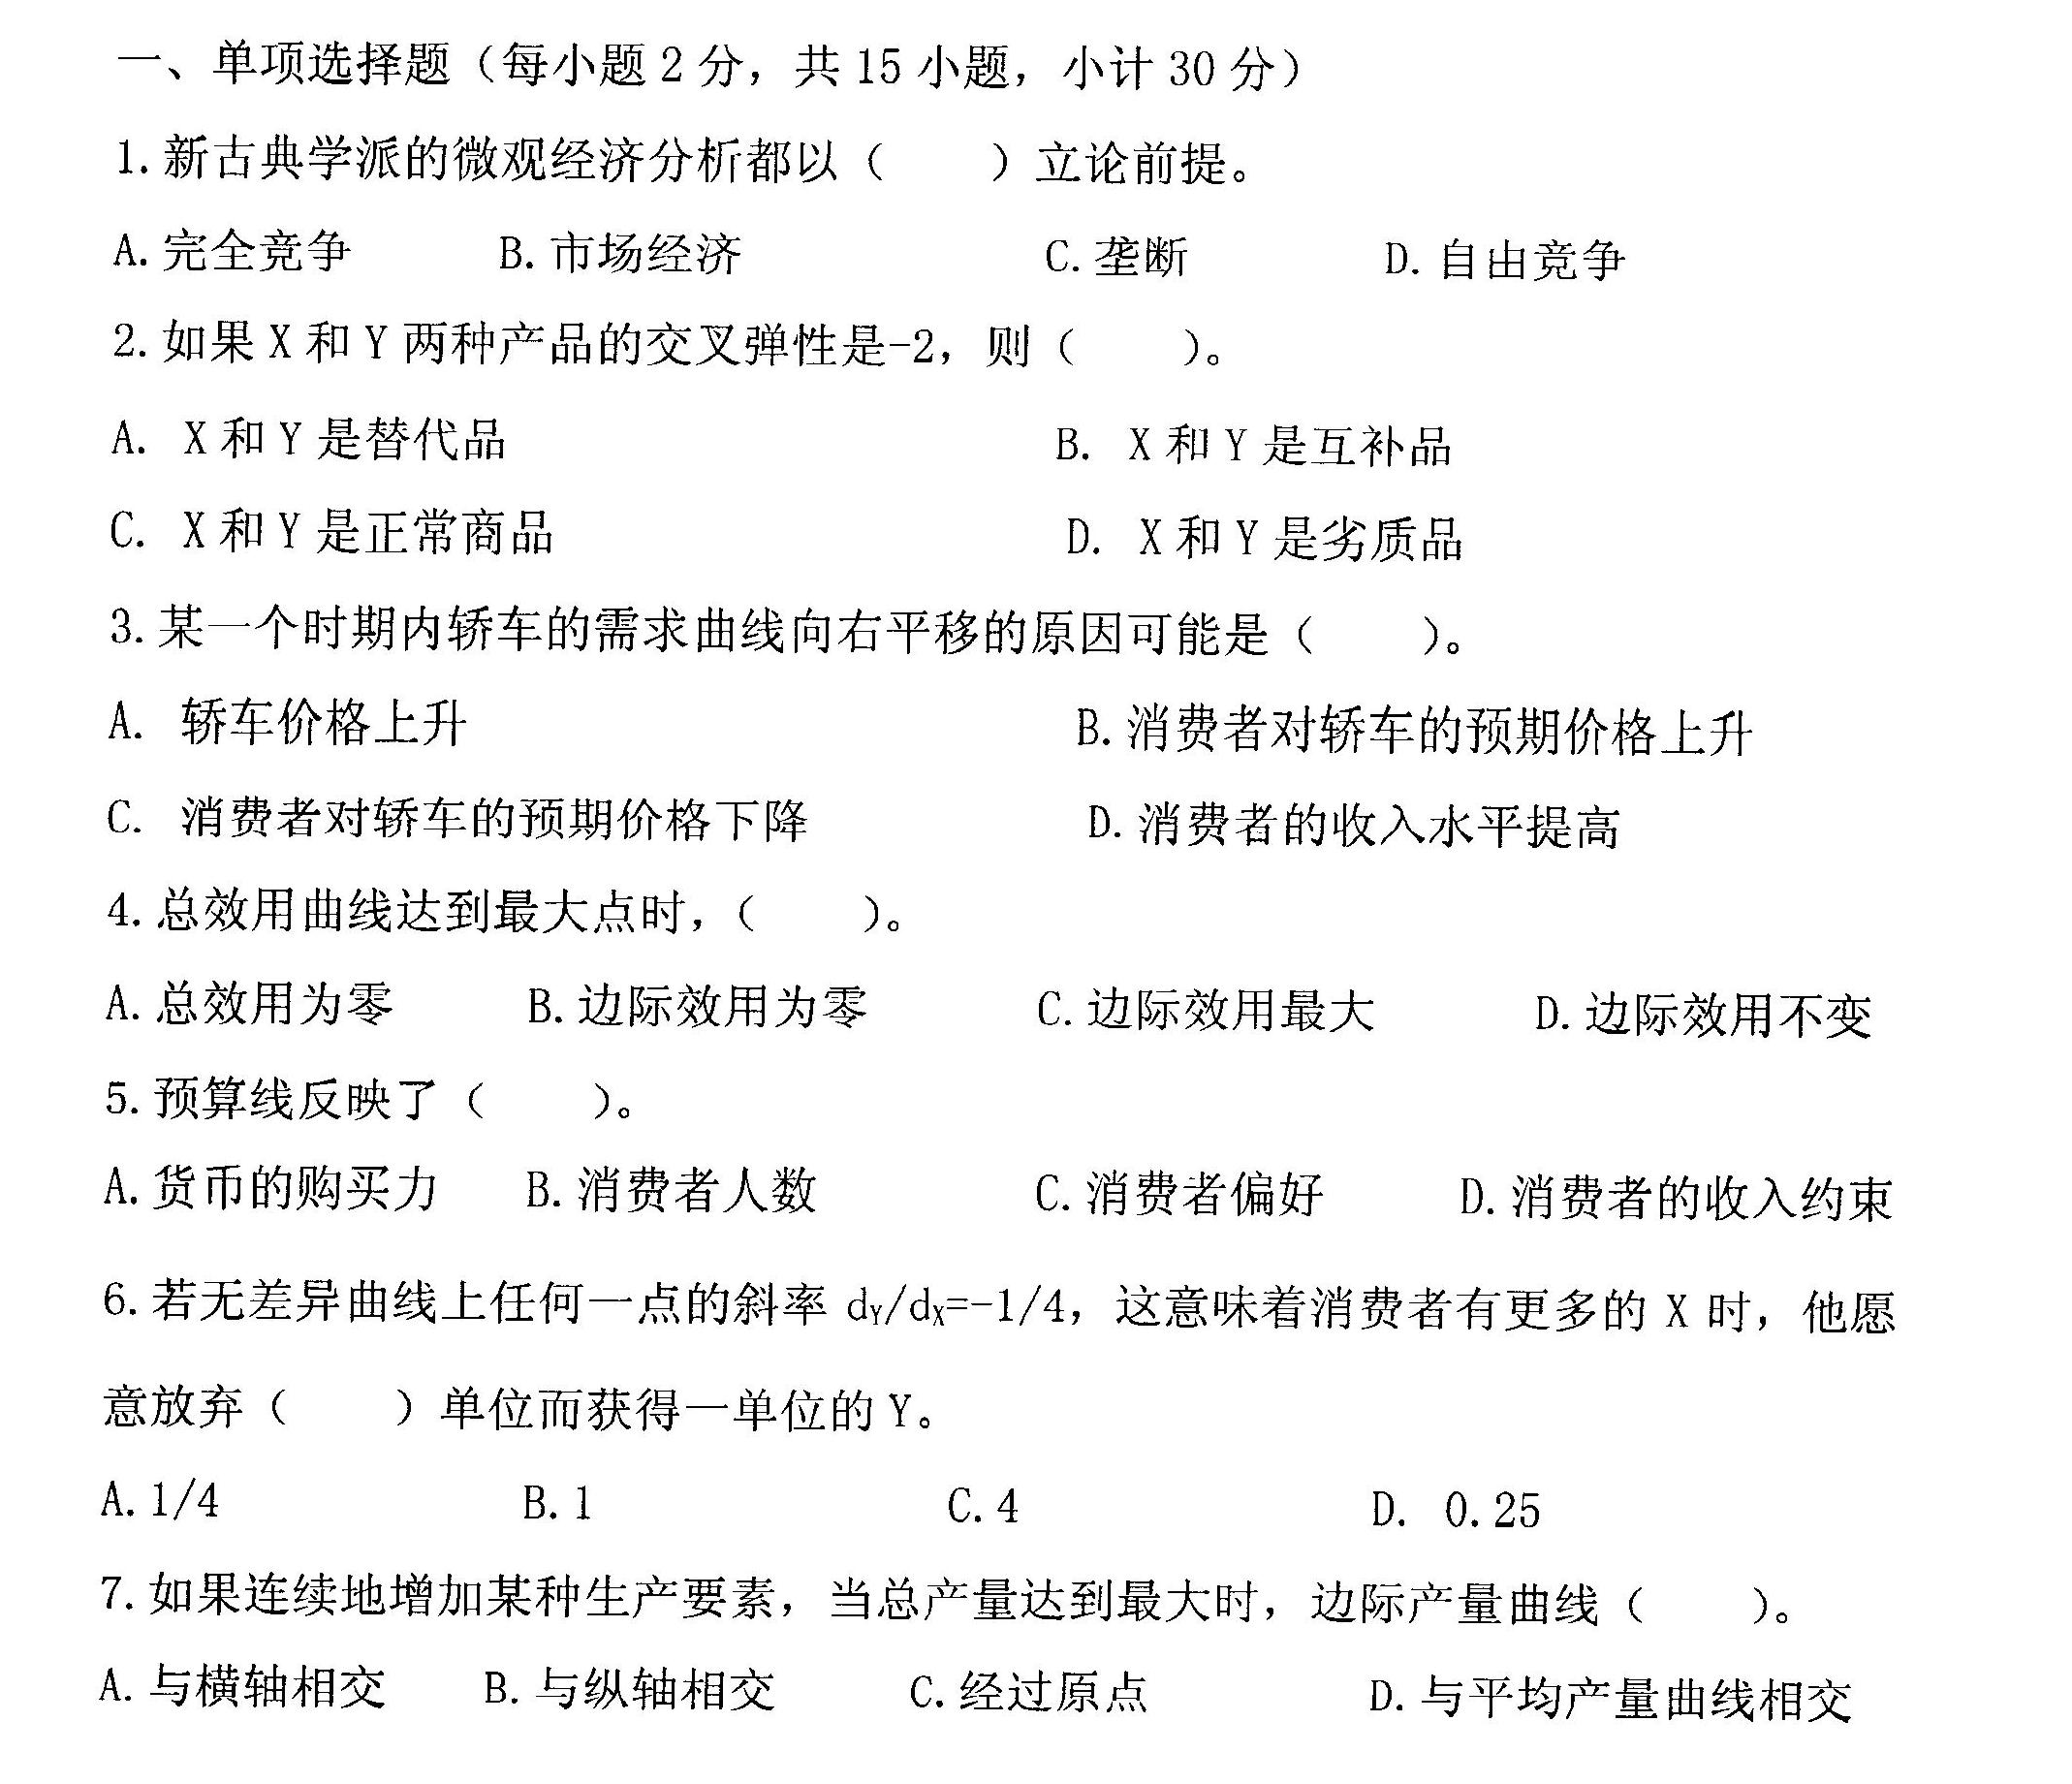 2019年经济类联考答案_2019考研经济类联考答案